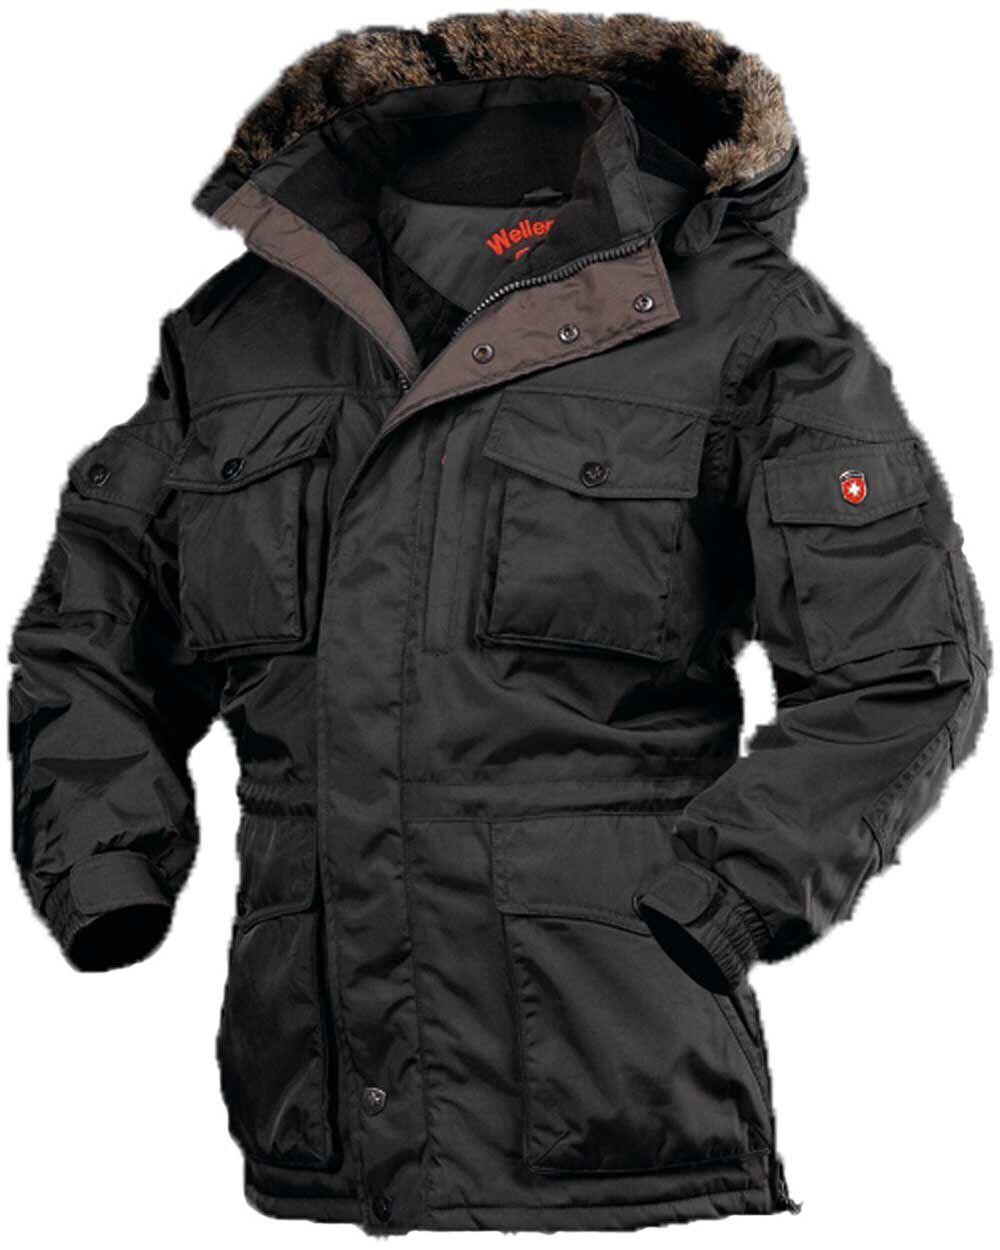 wellensteyn siberia winter jacket best of the best !!! clothing  wellensteyn siberia winter jacket best of the best !!!